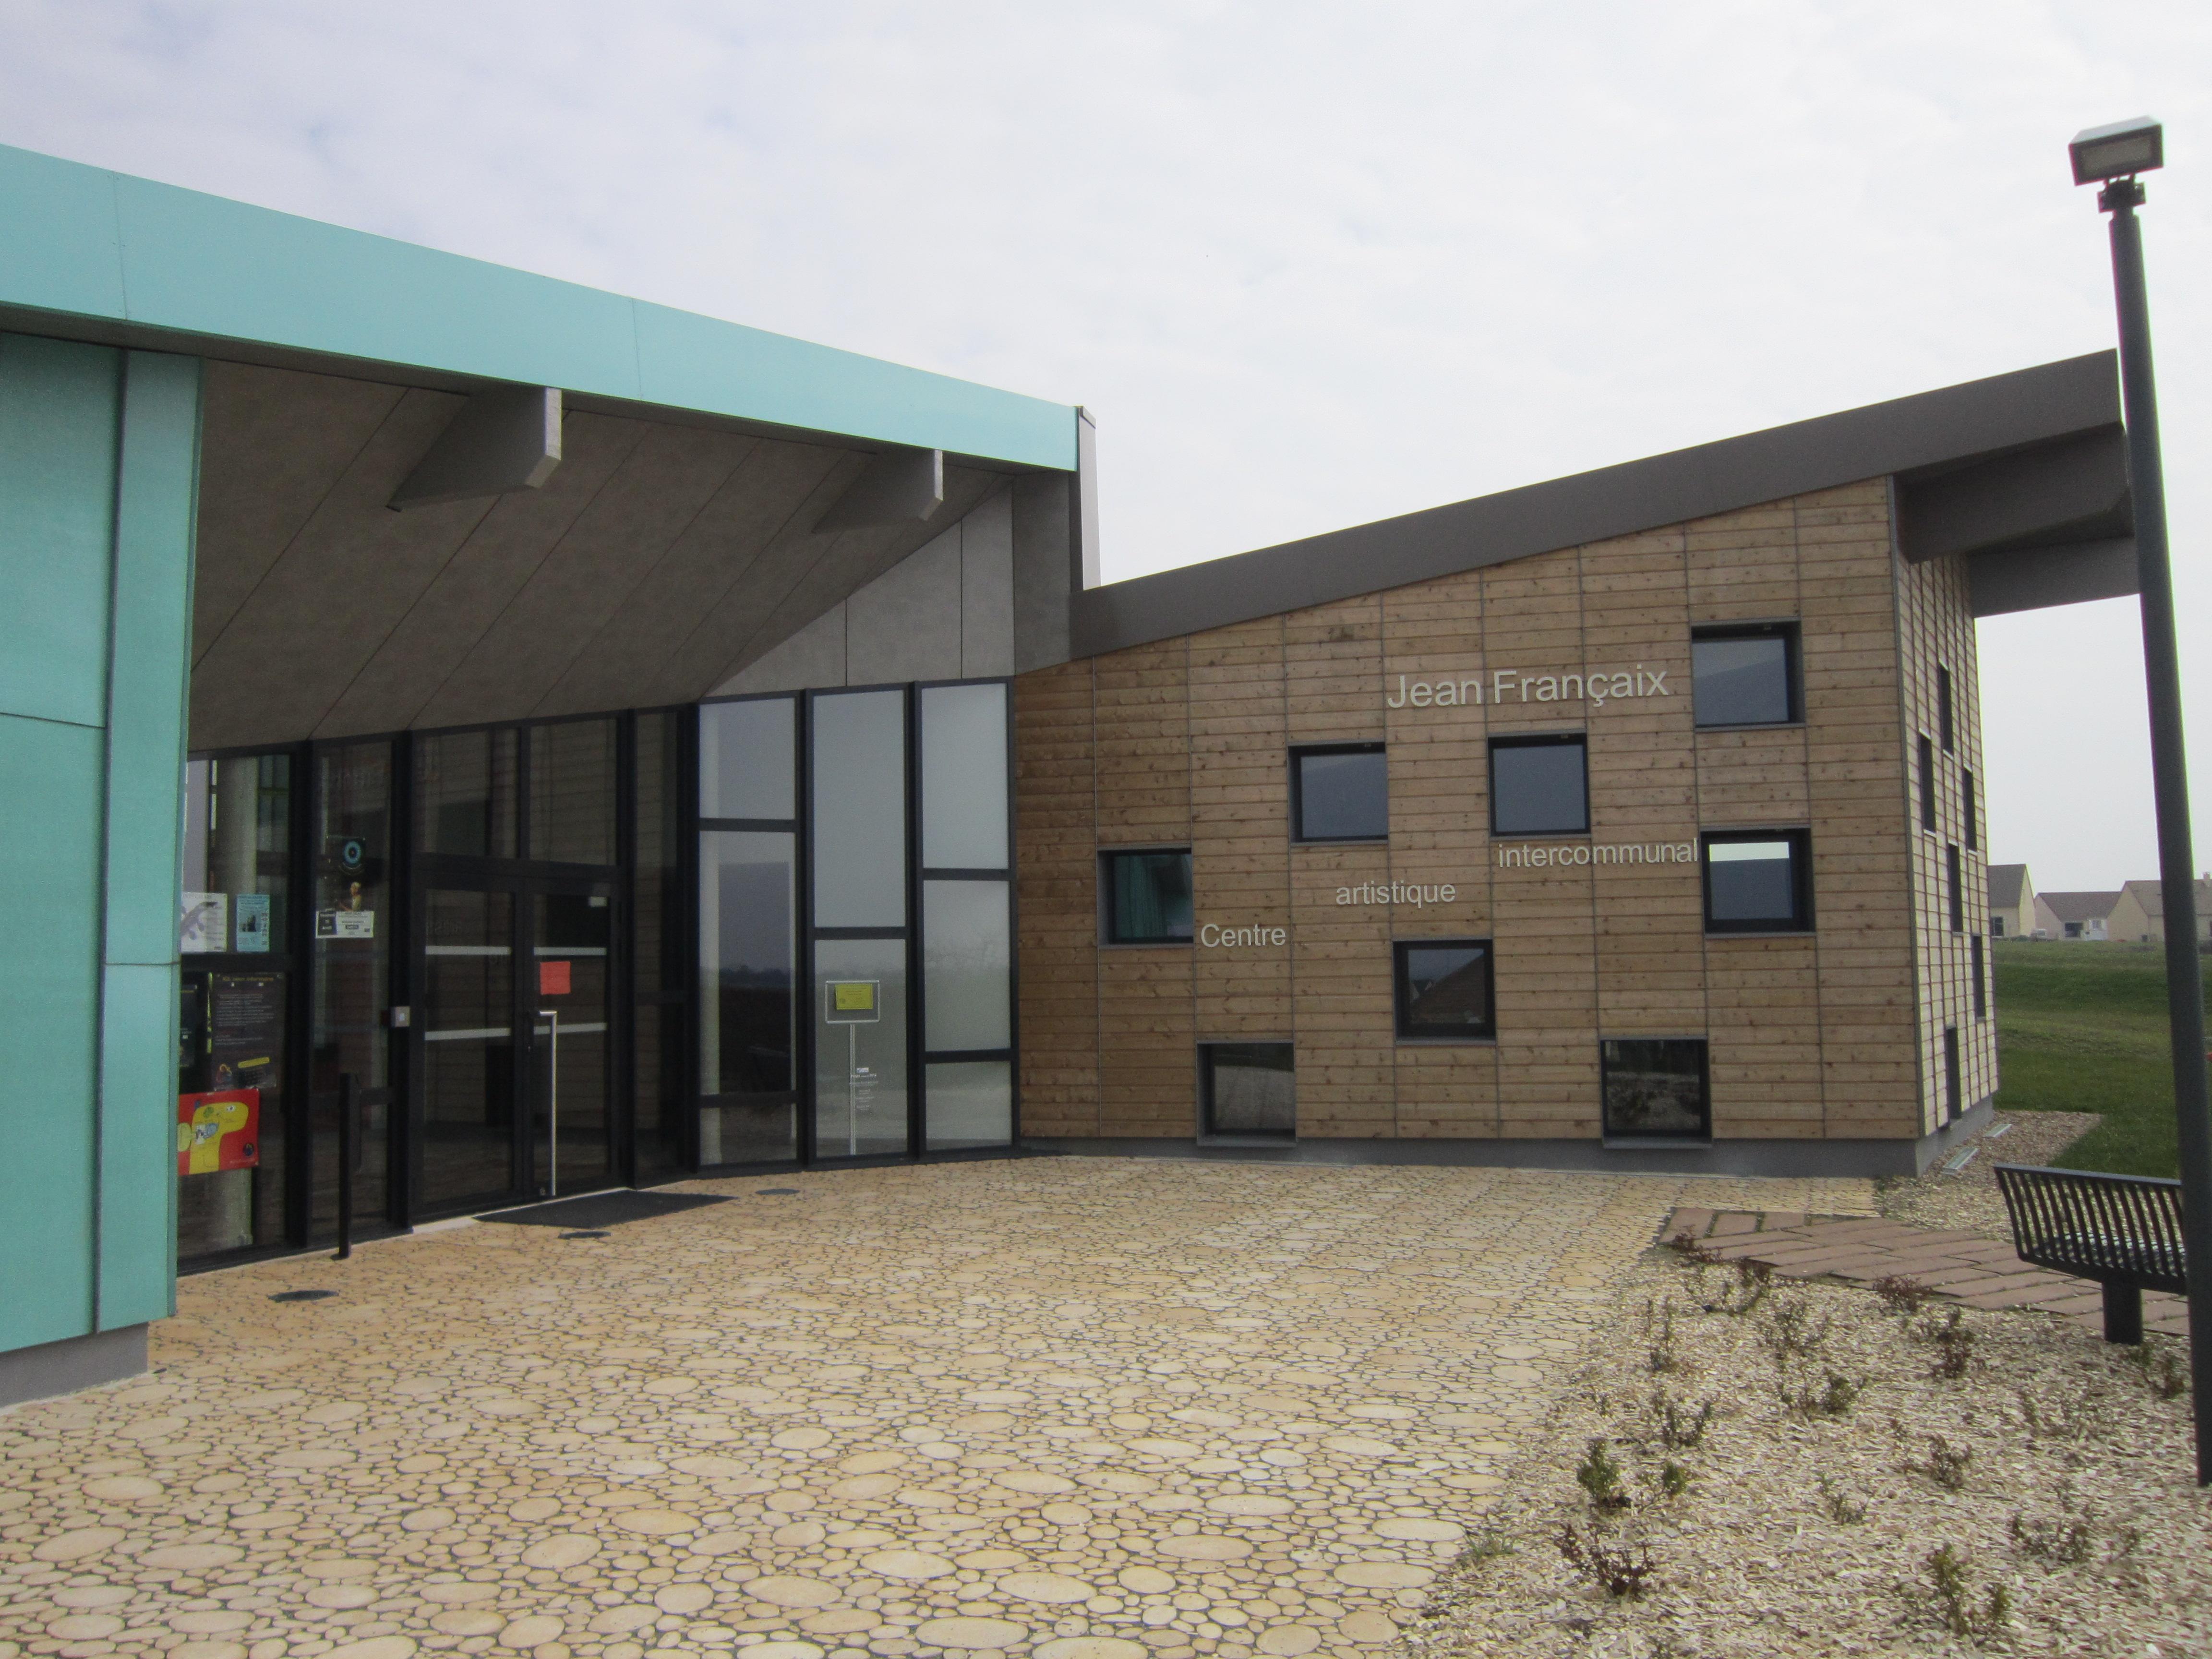 Ecole de musique centre artistique